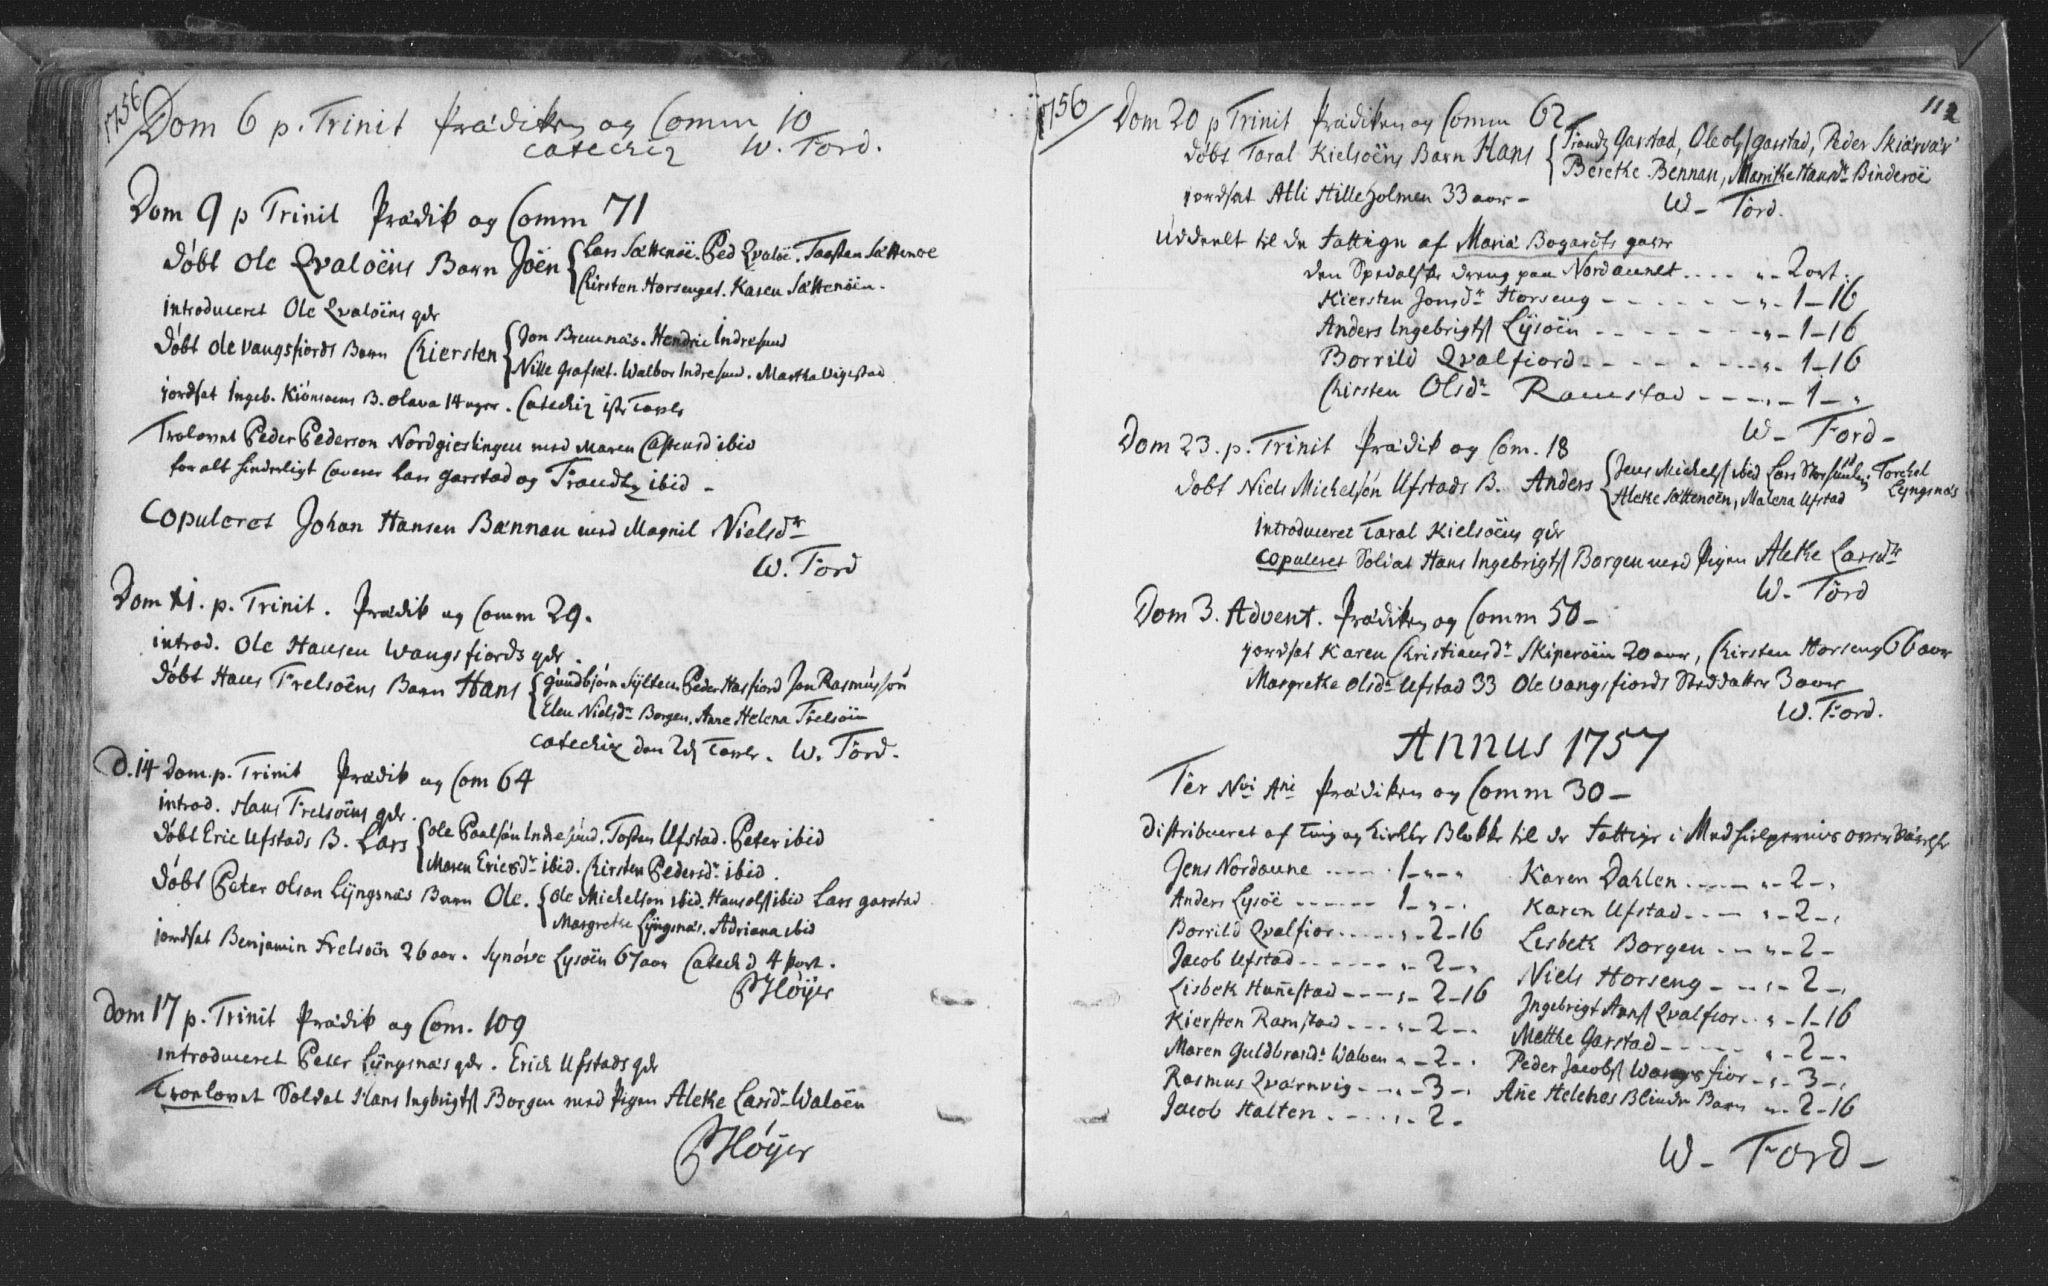 SAT, Ministerialprotokoller, klokkerbøker og fødselsregistre - Nord-Trøndelag, 786/L0685: Ministerialbok nr. 786A01, 1710-1798, s. 112